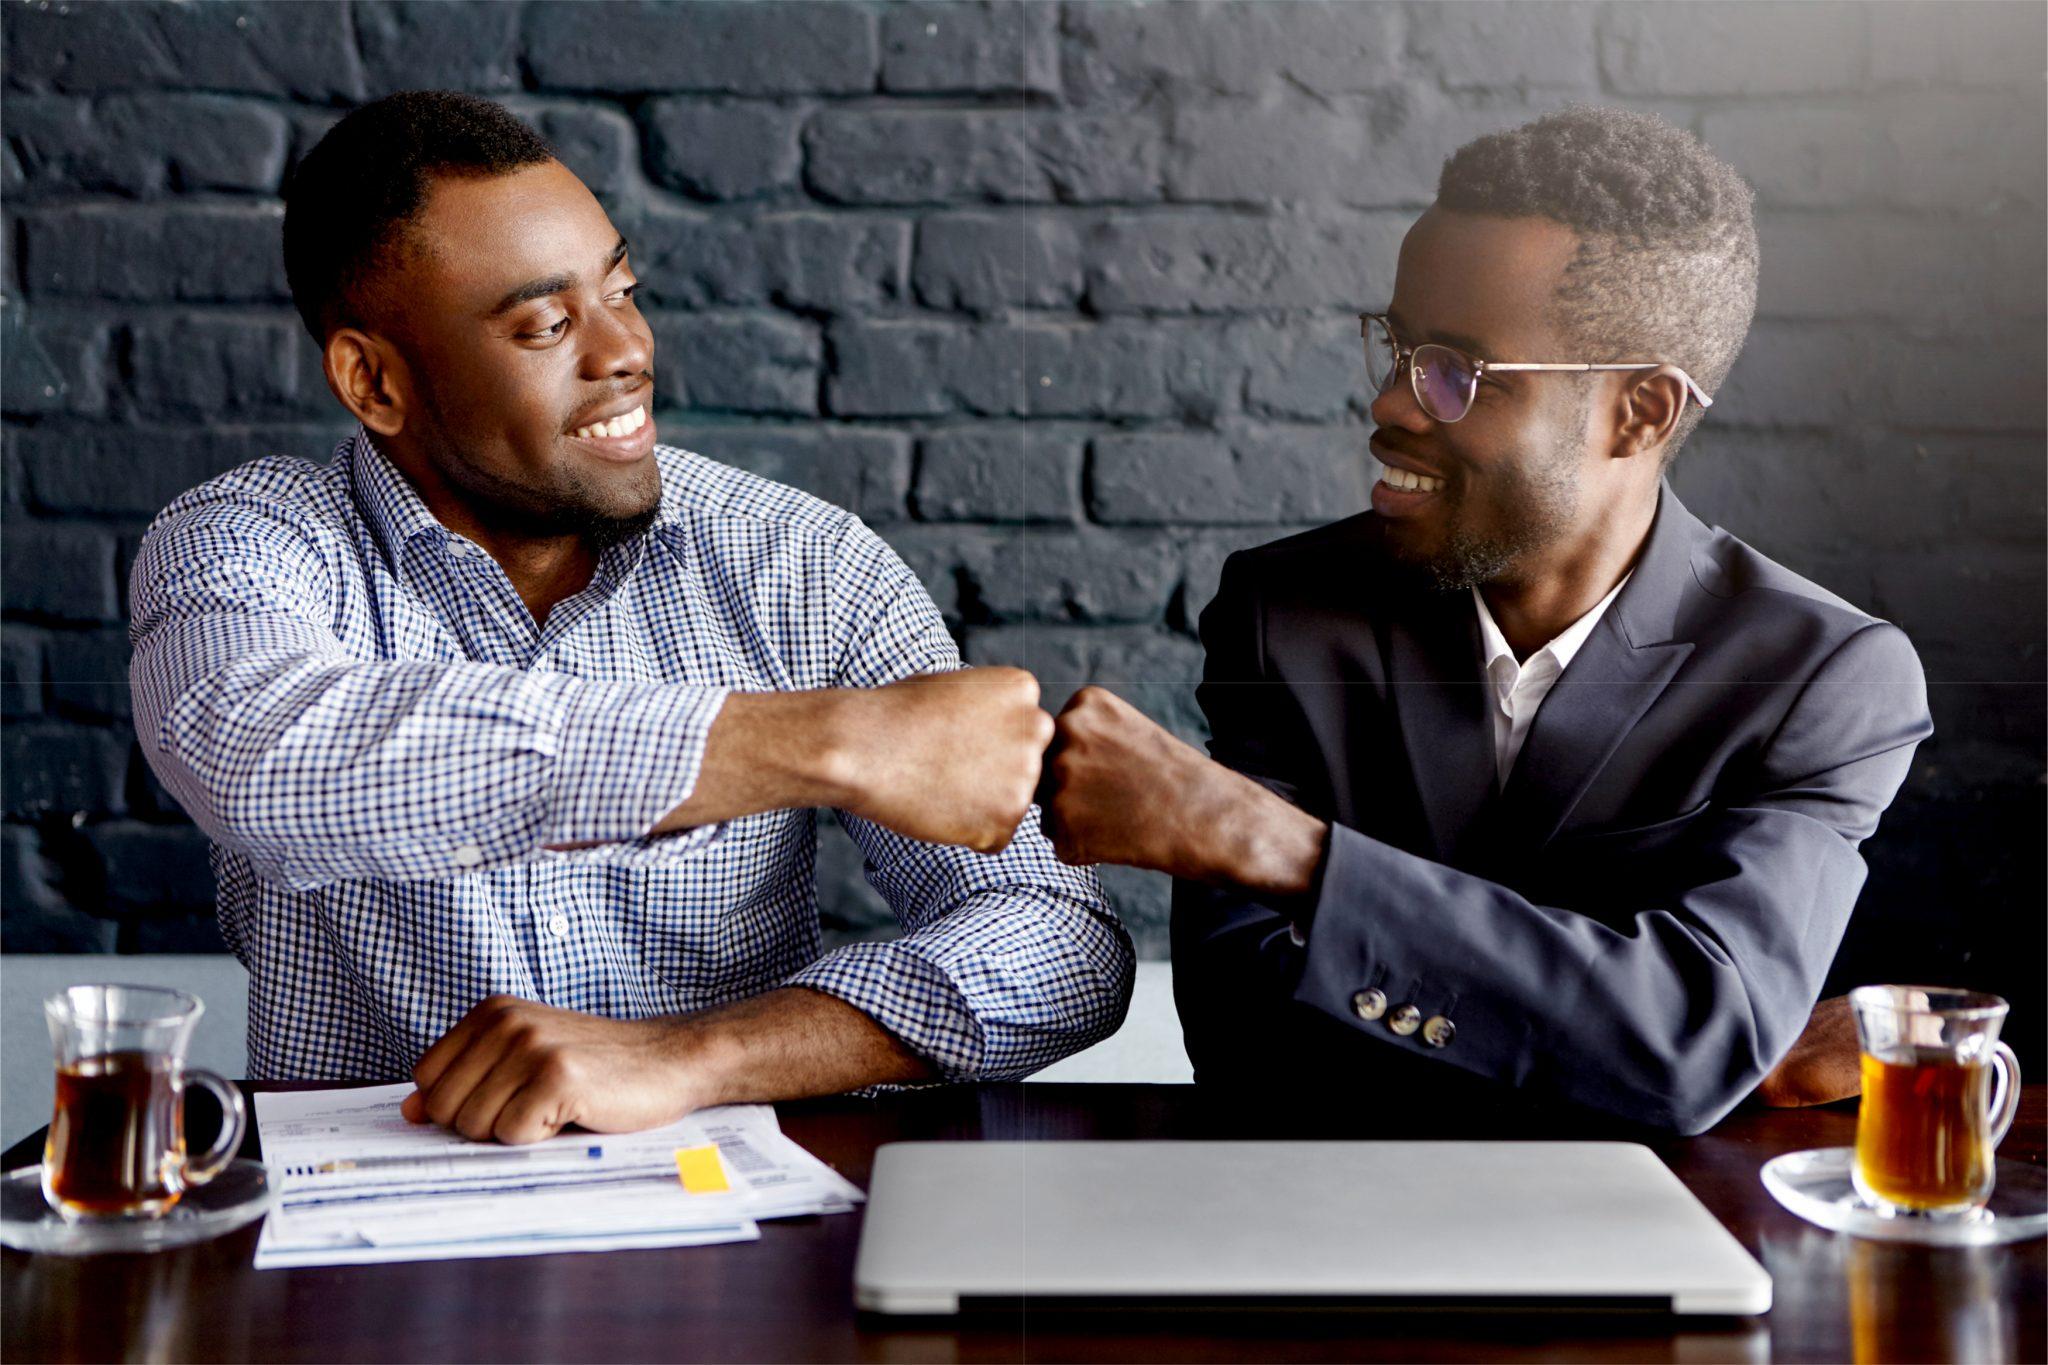 仲良しの黒人男性二人がハイタッチしている